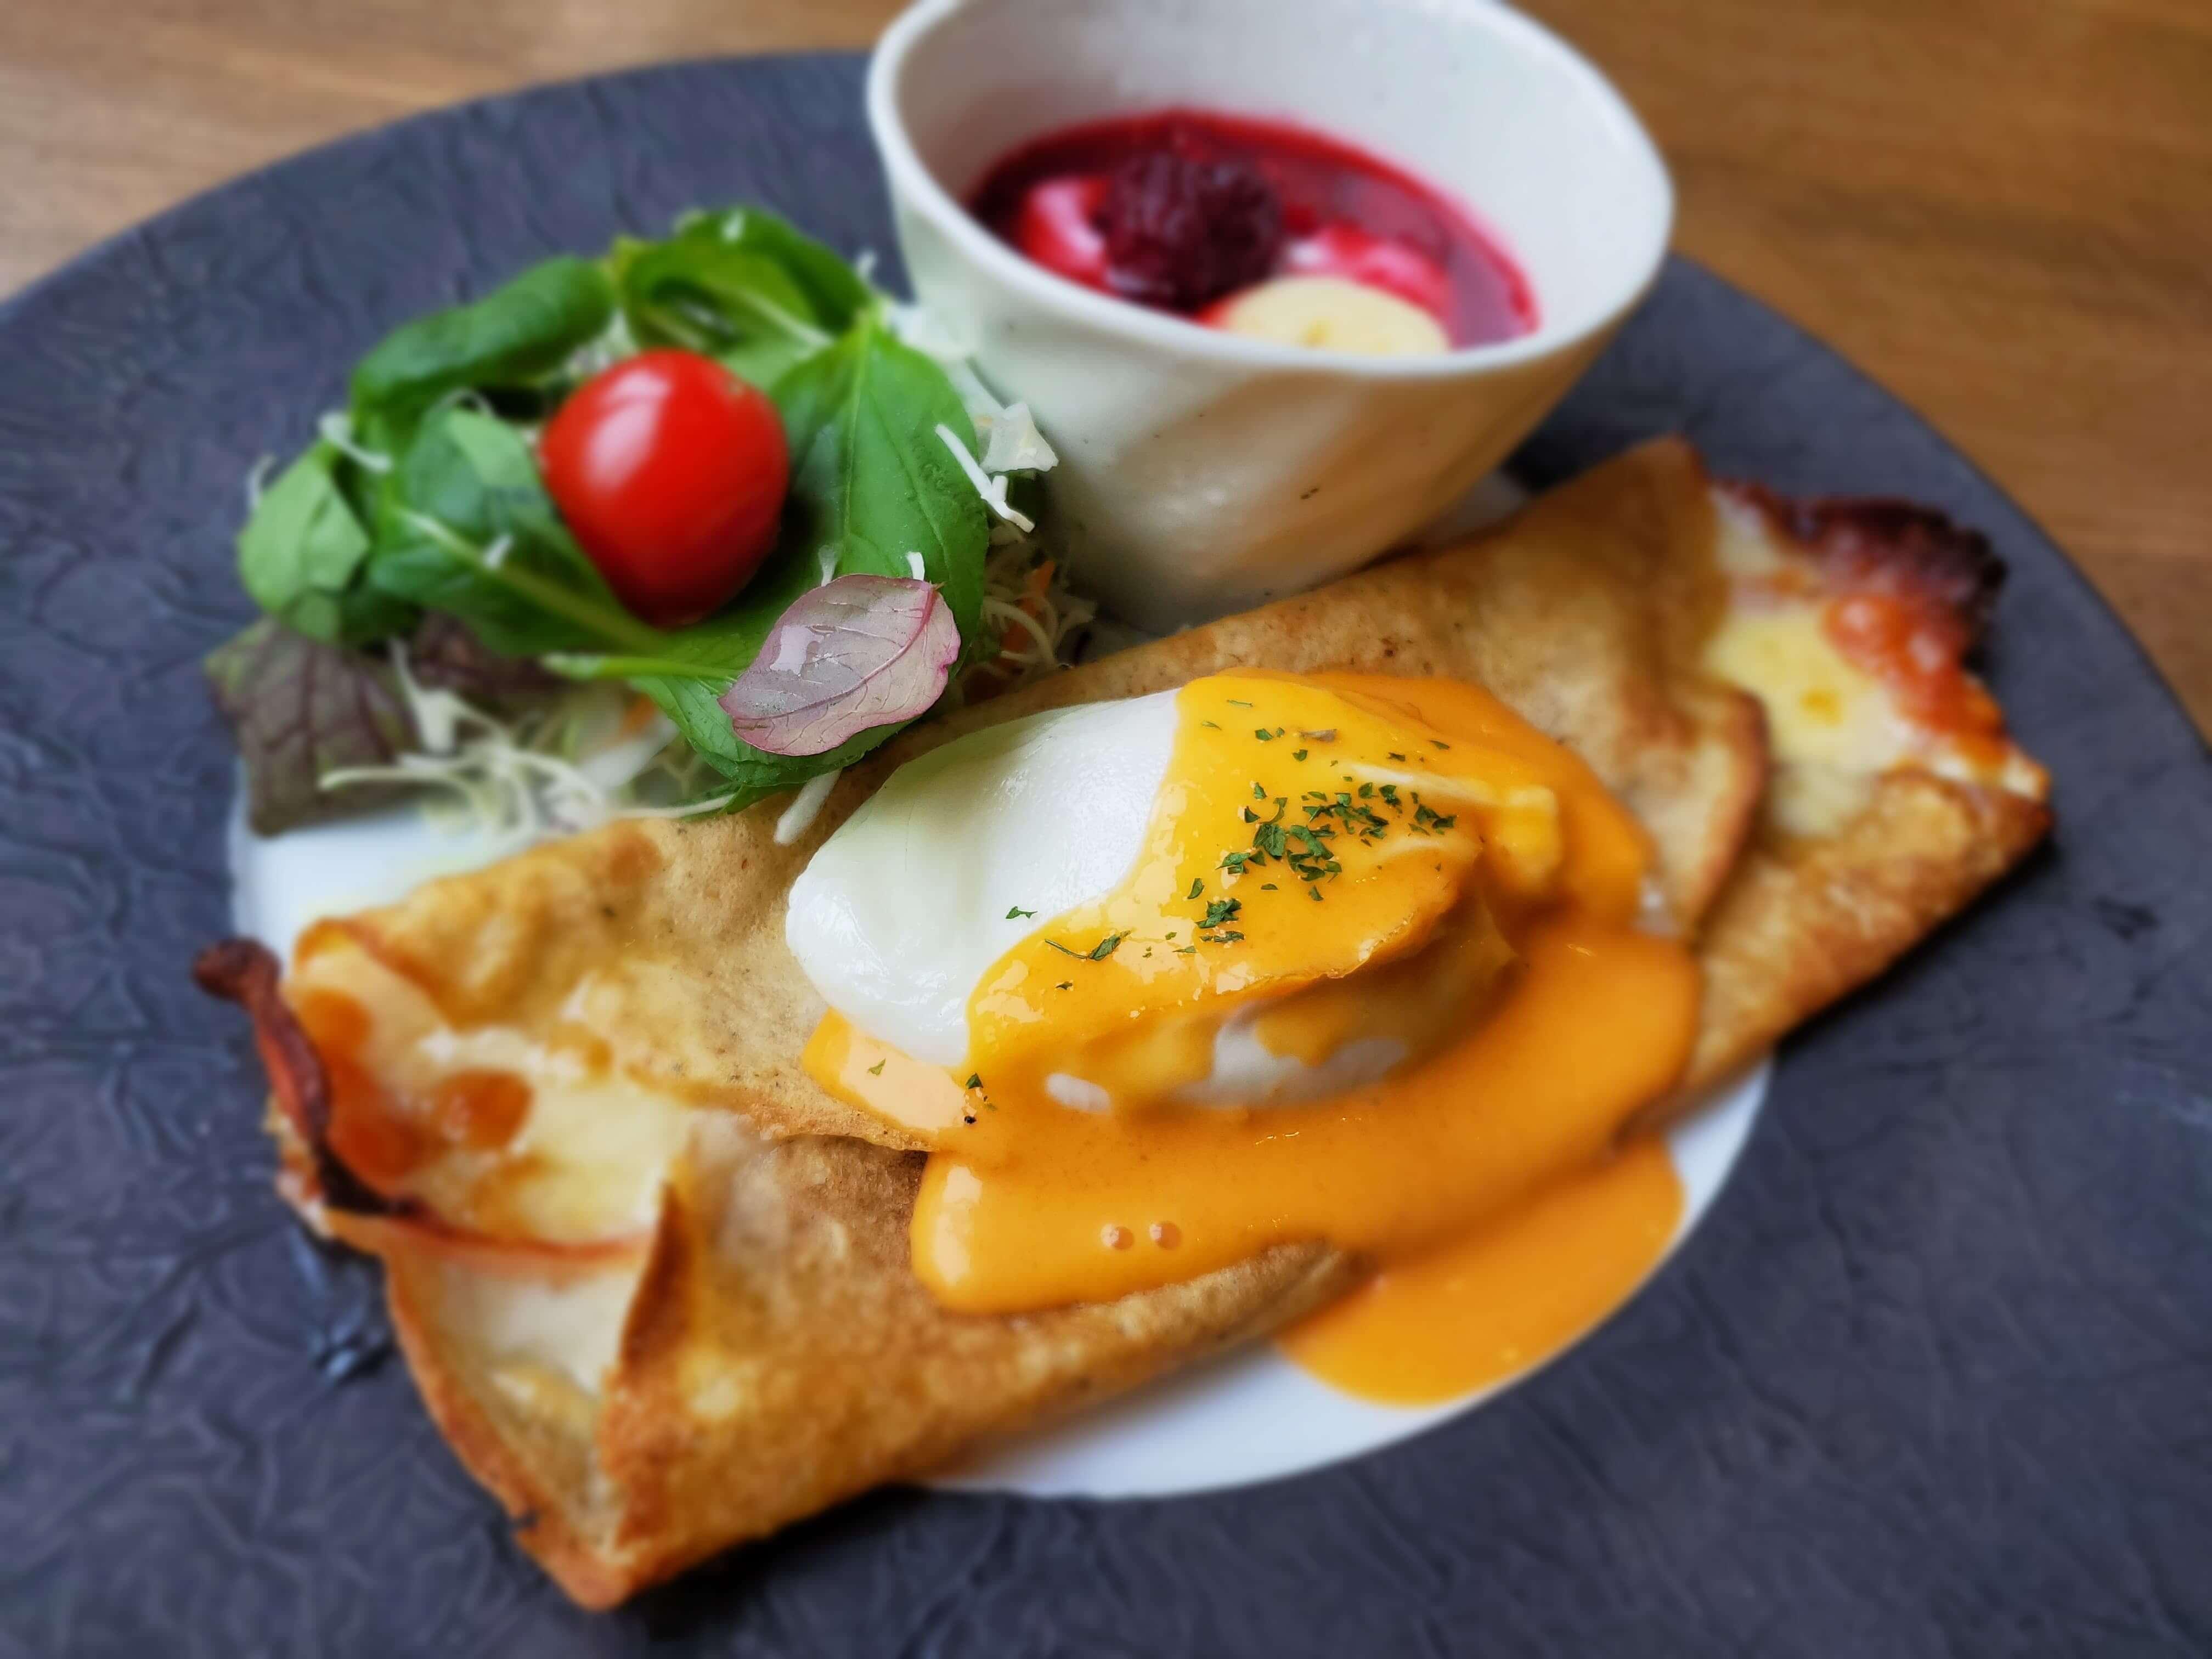 菱野温泉薬師館の朝食で出る「選べる朝食プレートと館内焼き立てクロワッサン」